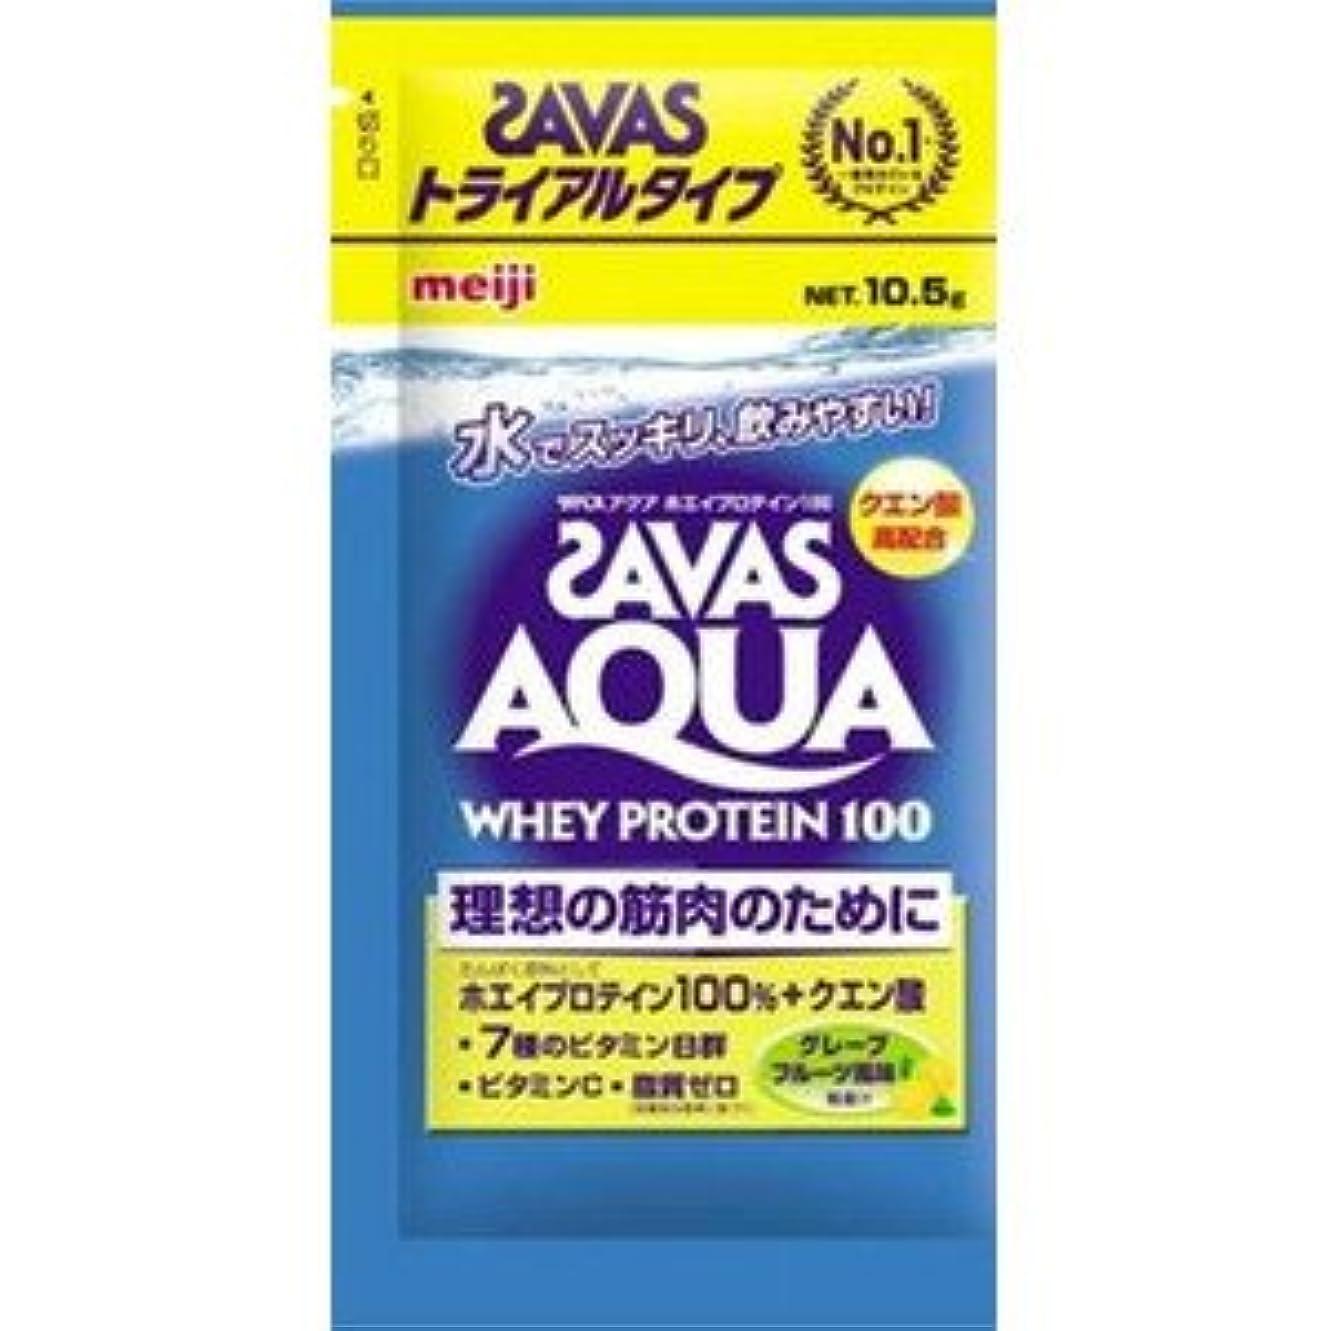 (ロート製薬)肌研 極潤ヒアルロン洗顔フォーム 100g(お買い得3本セット)